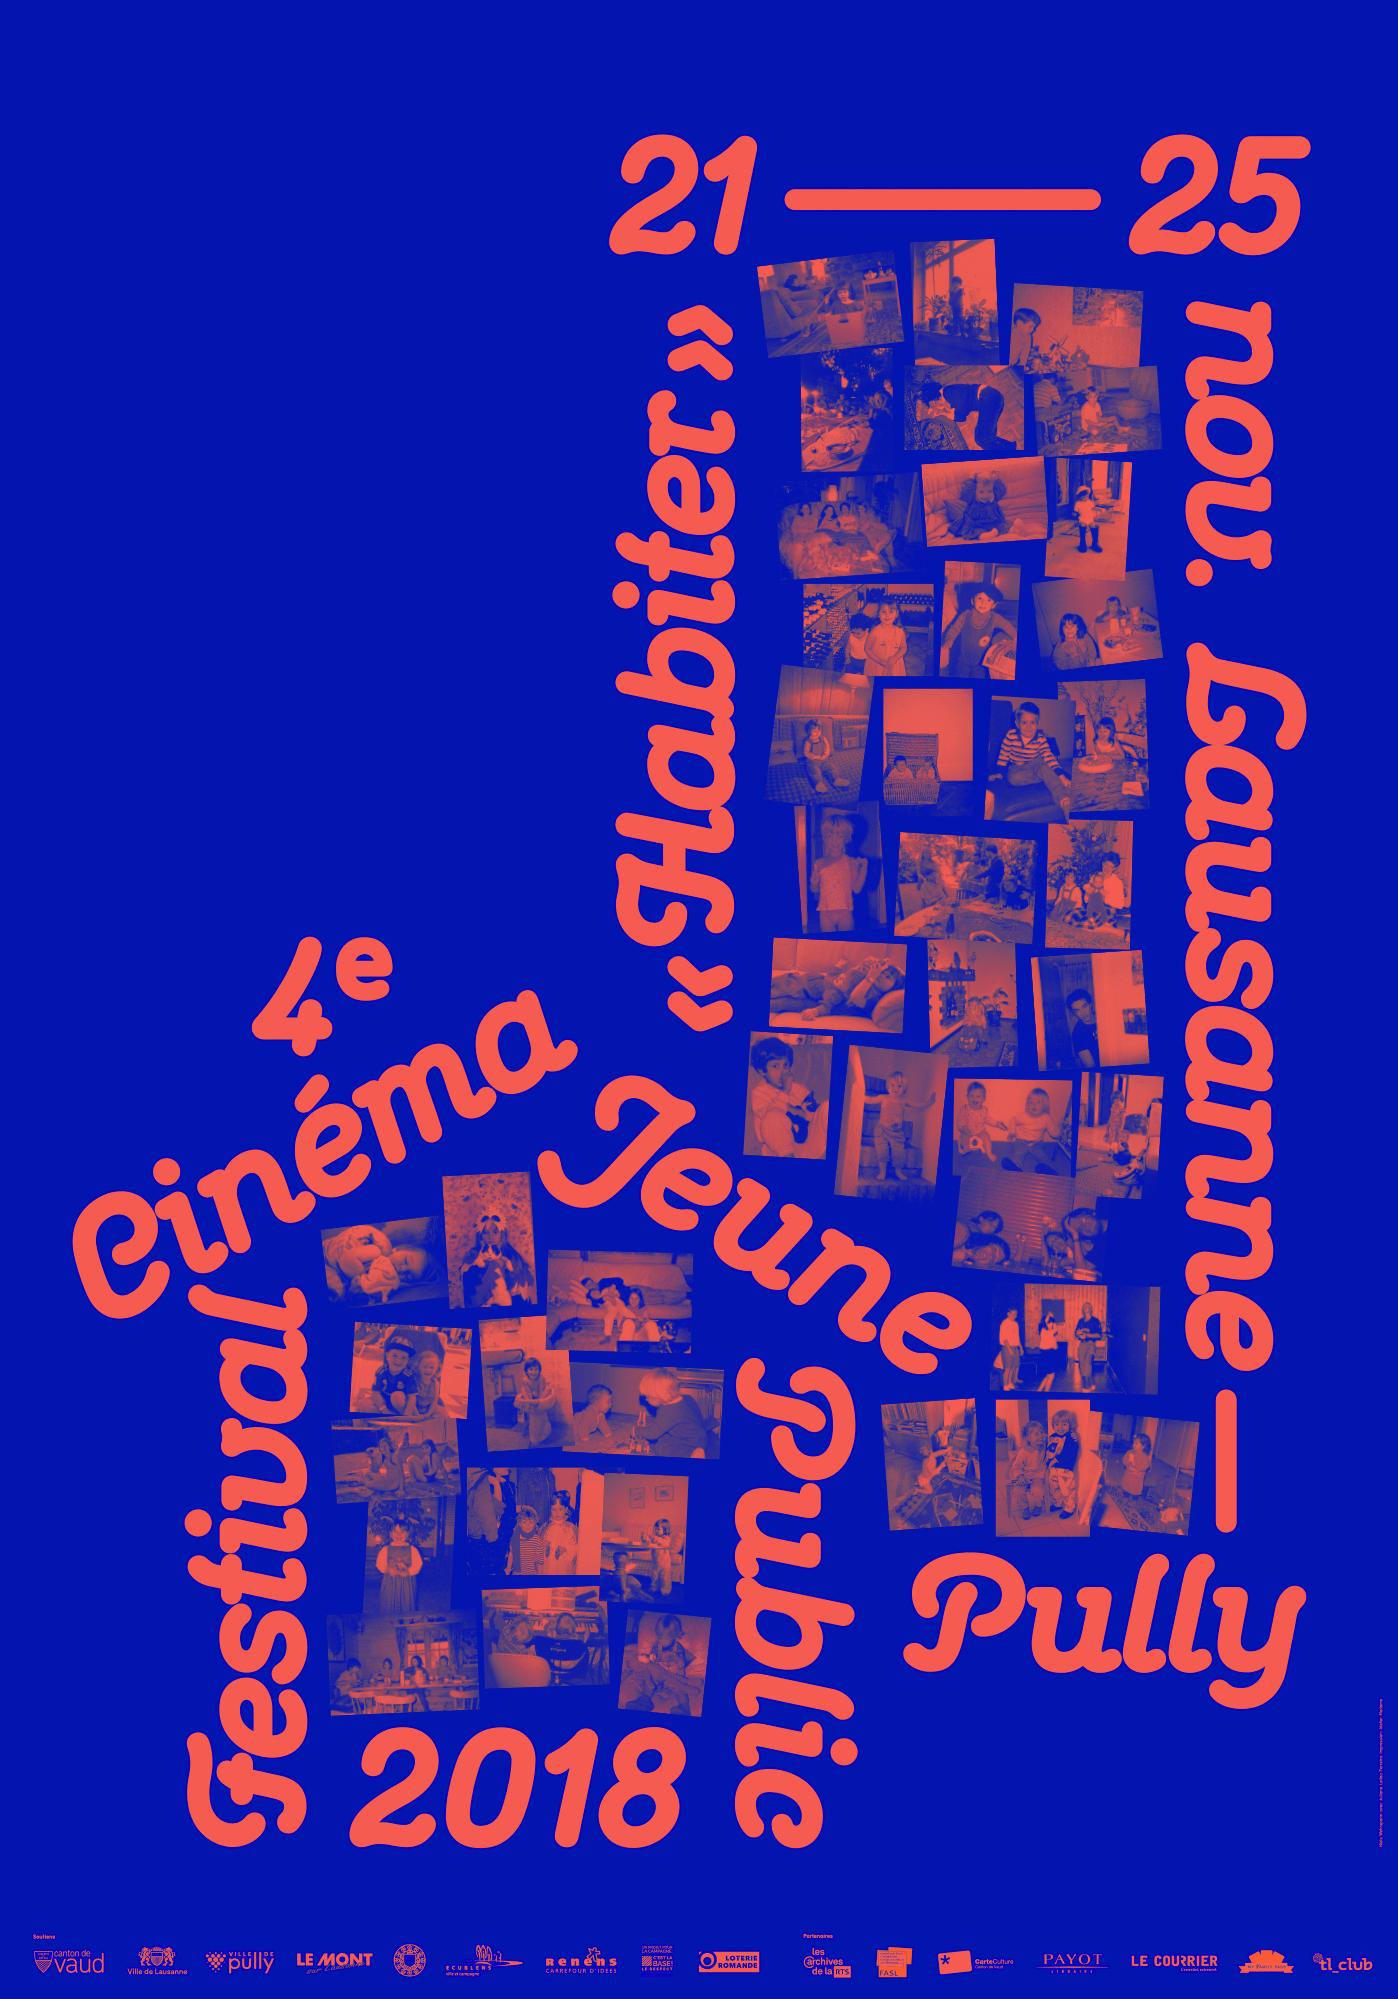 Maison, immeuble et photos de famille sur l'affiche du Festival cinéma jeune public 2018